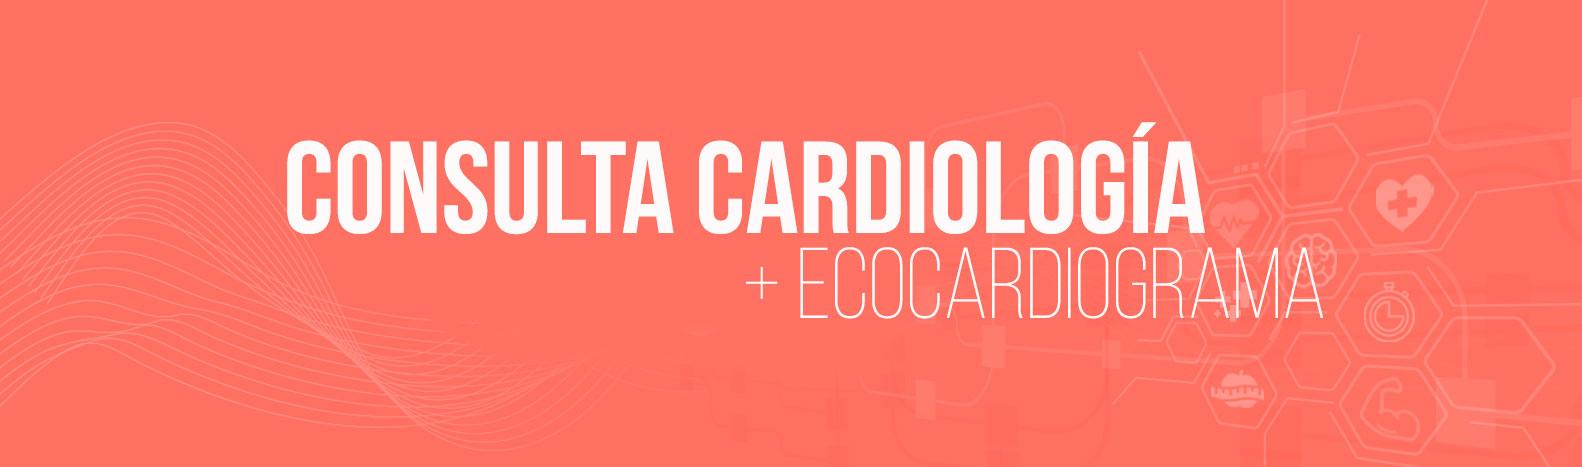 Consulta Cardiología + Ecocardiograma